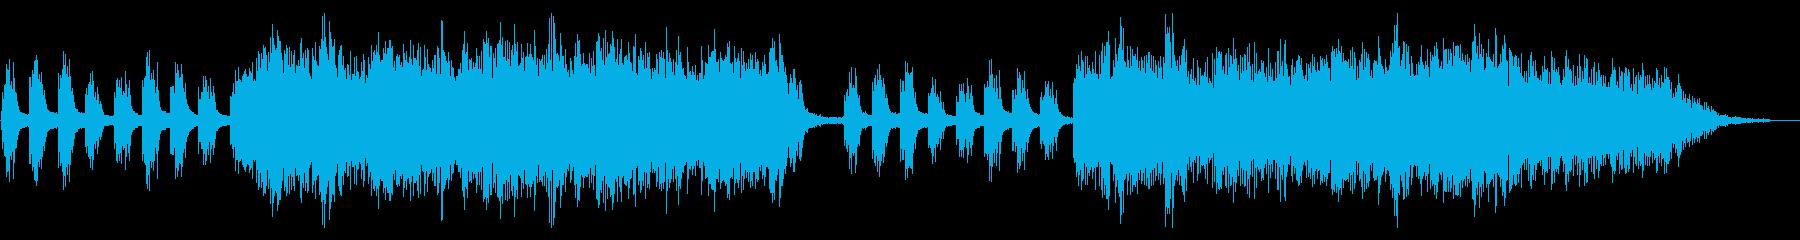 ピアノと波の音にとけあう癒しのハーモニーの再生済みの波形